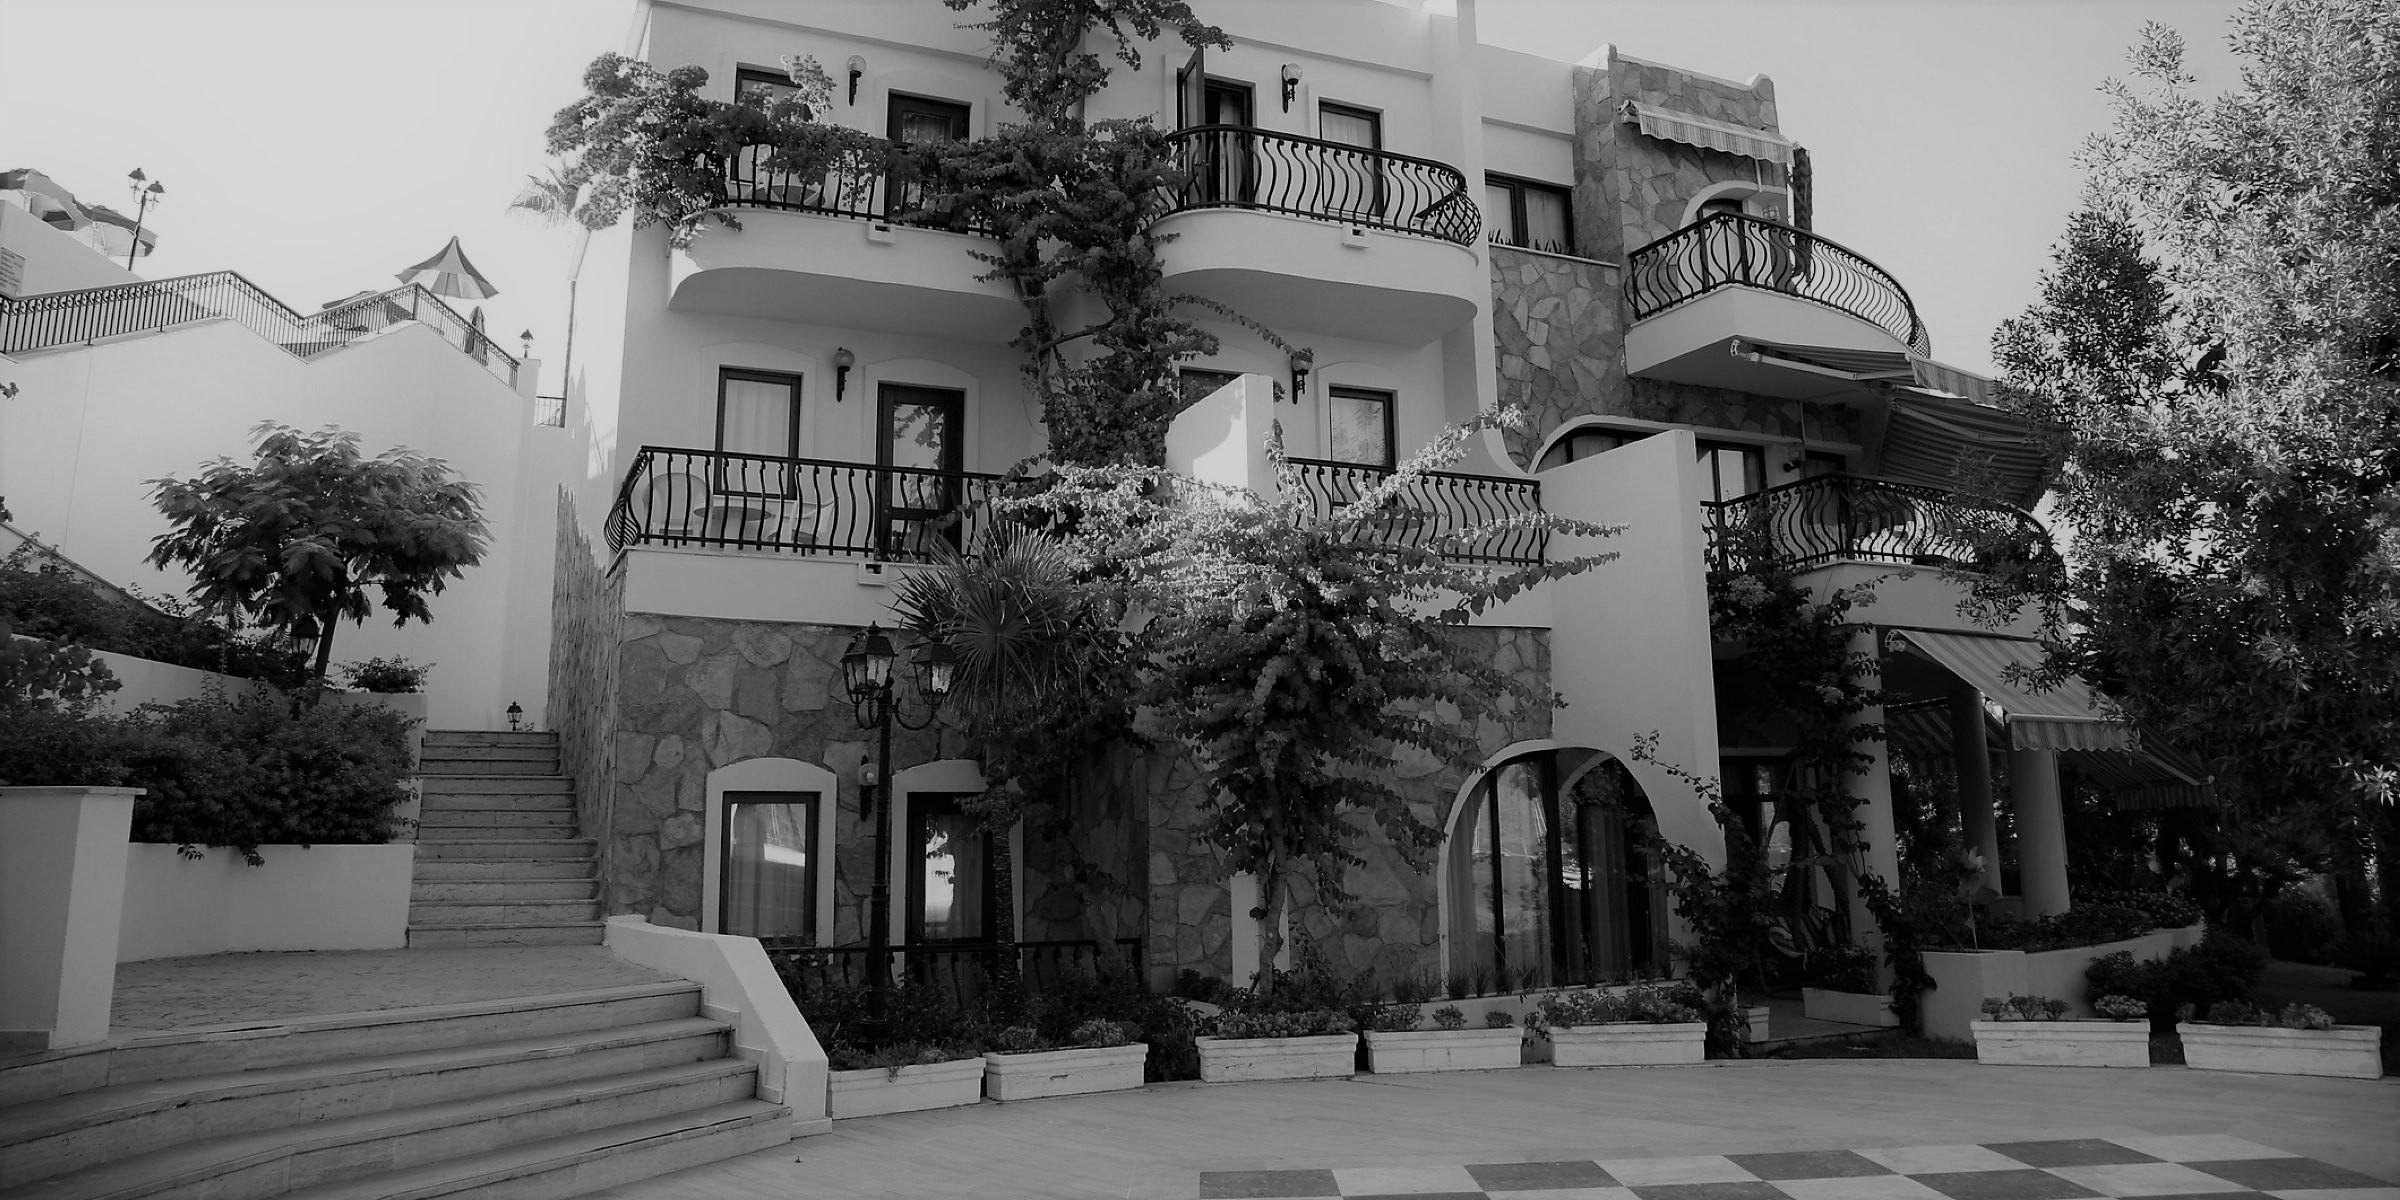 خرید خانه در ترکیه ۹ برابر شد